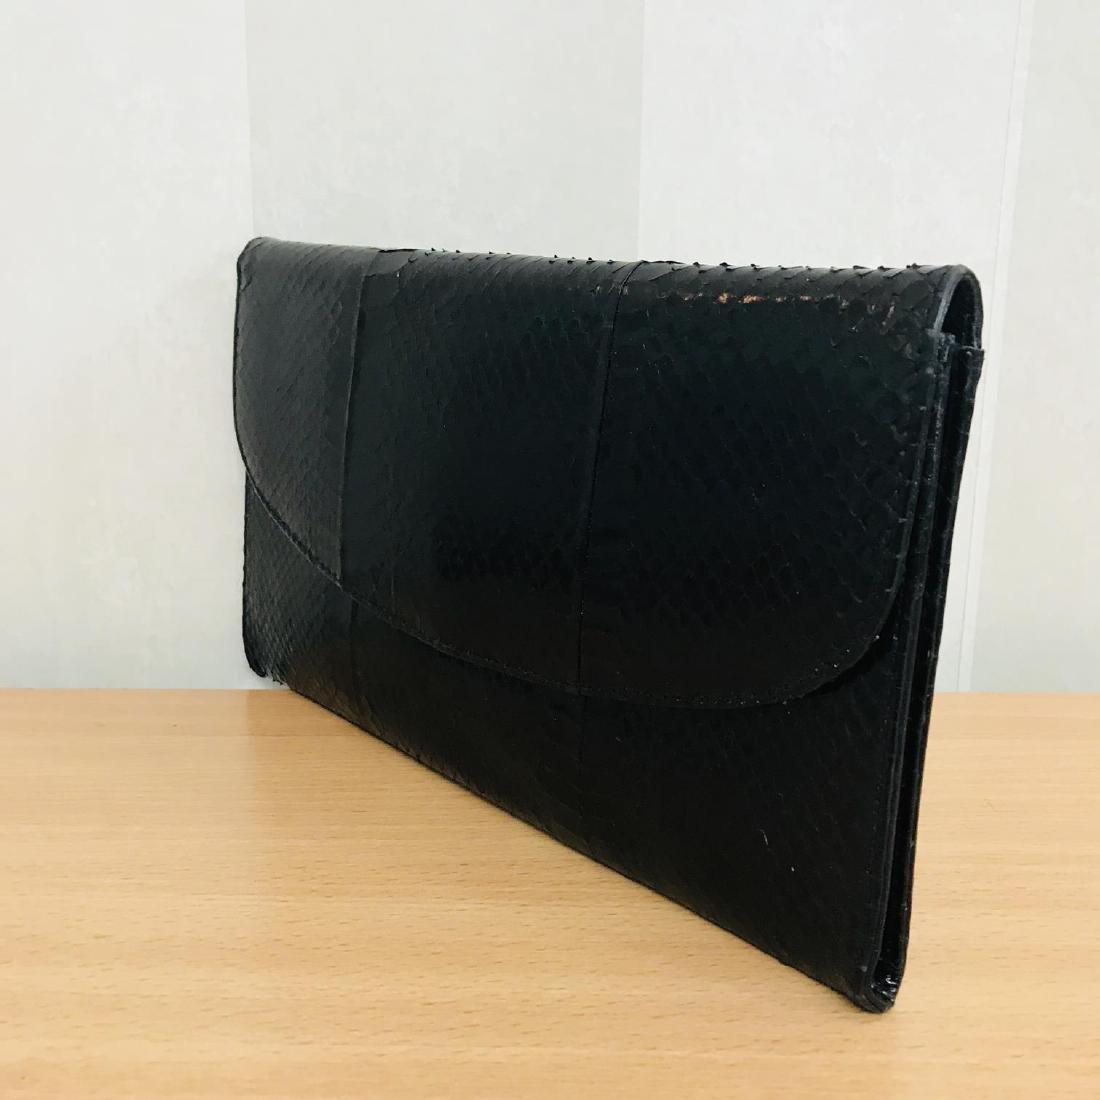 Vintage Genuine Snake Skin Leather Clutch Bag - 2